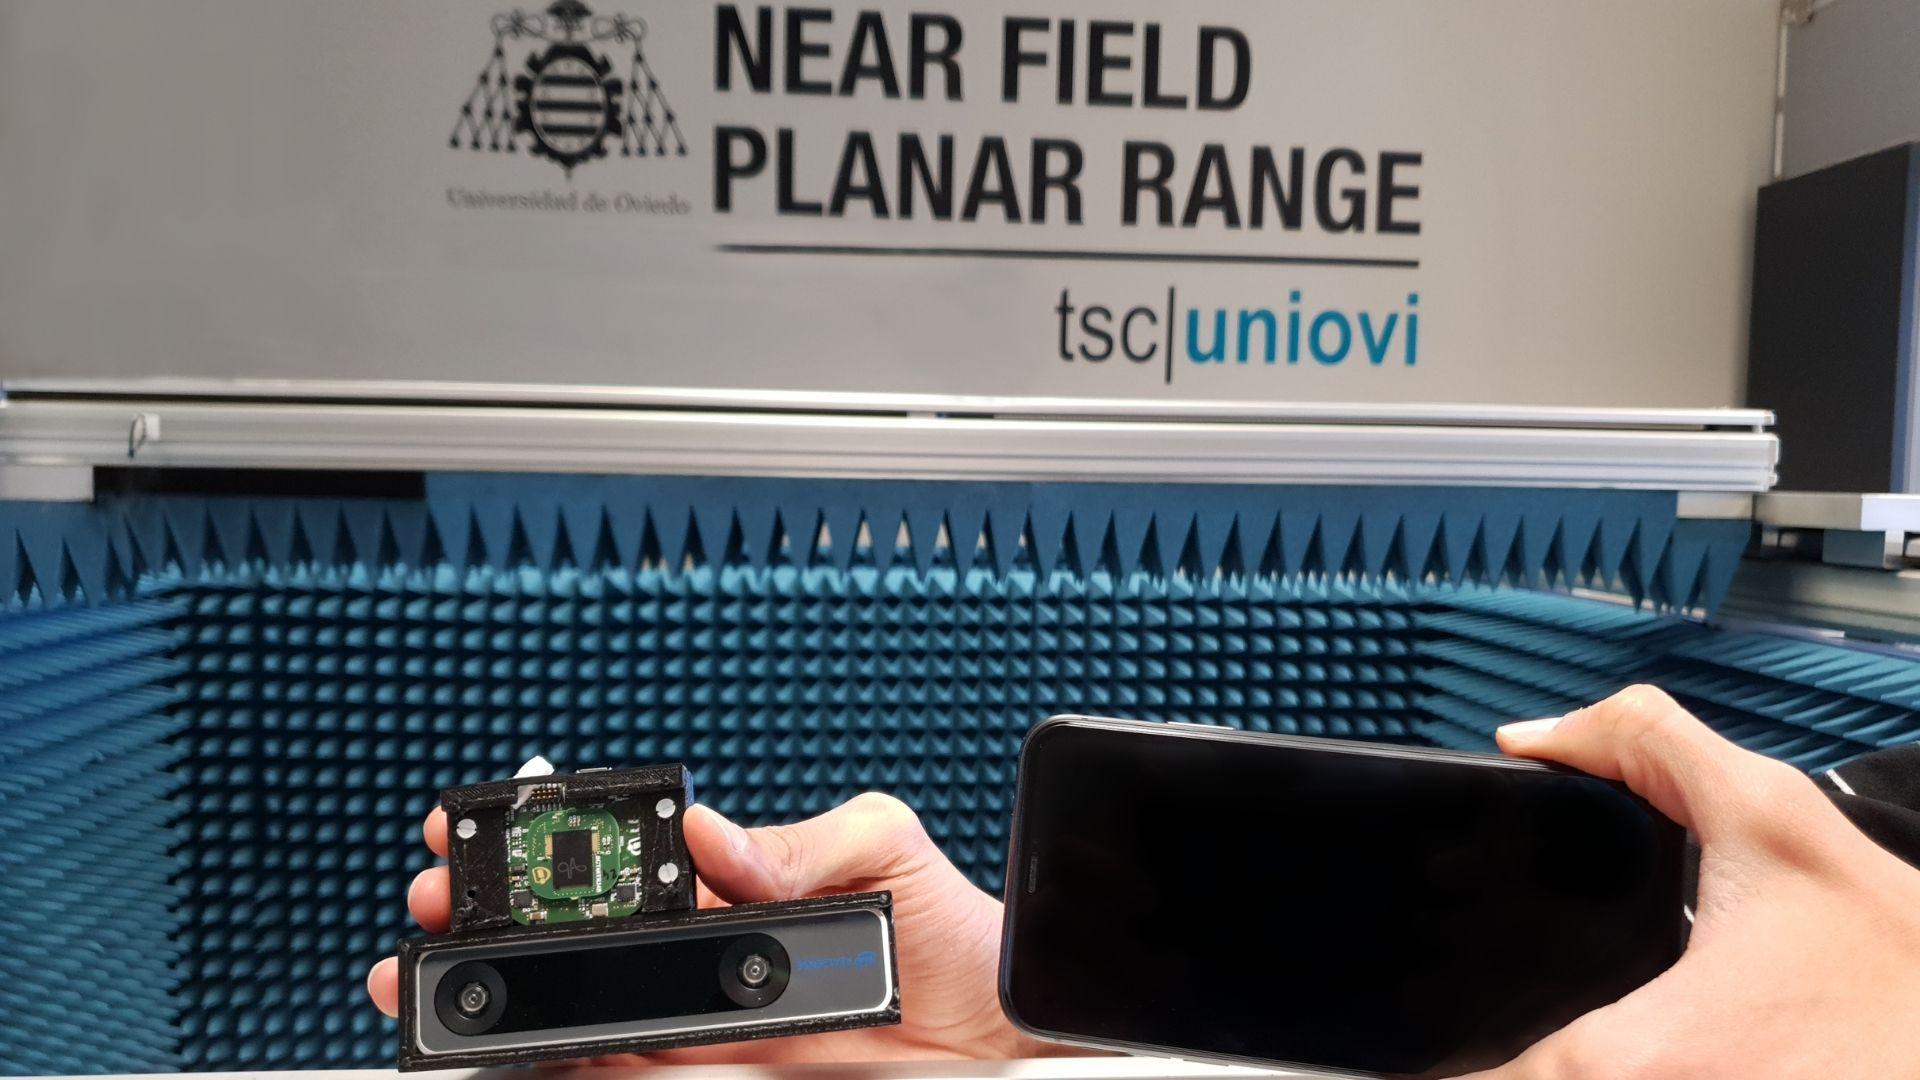 Prototipo para convertir teléfonos móviles en miniescáneres